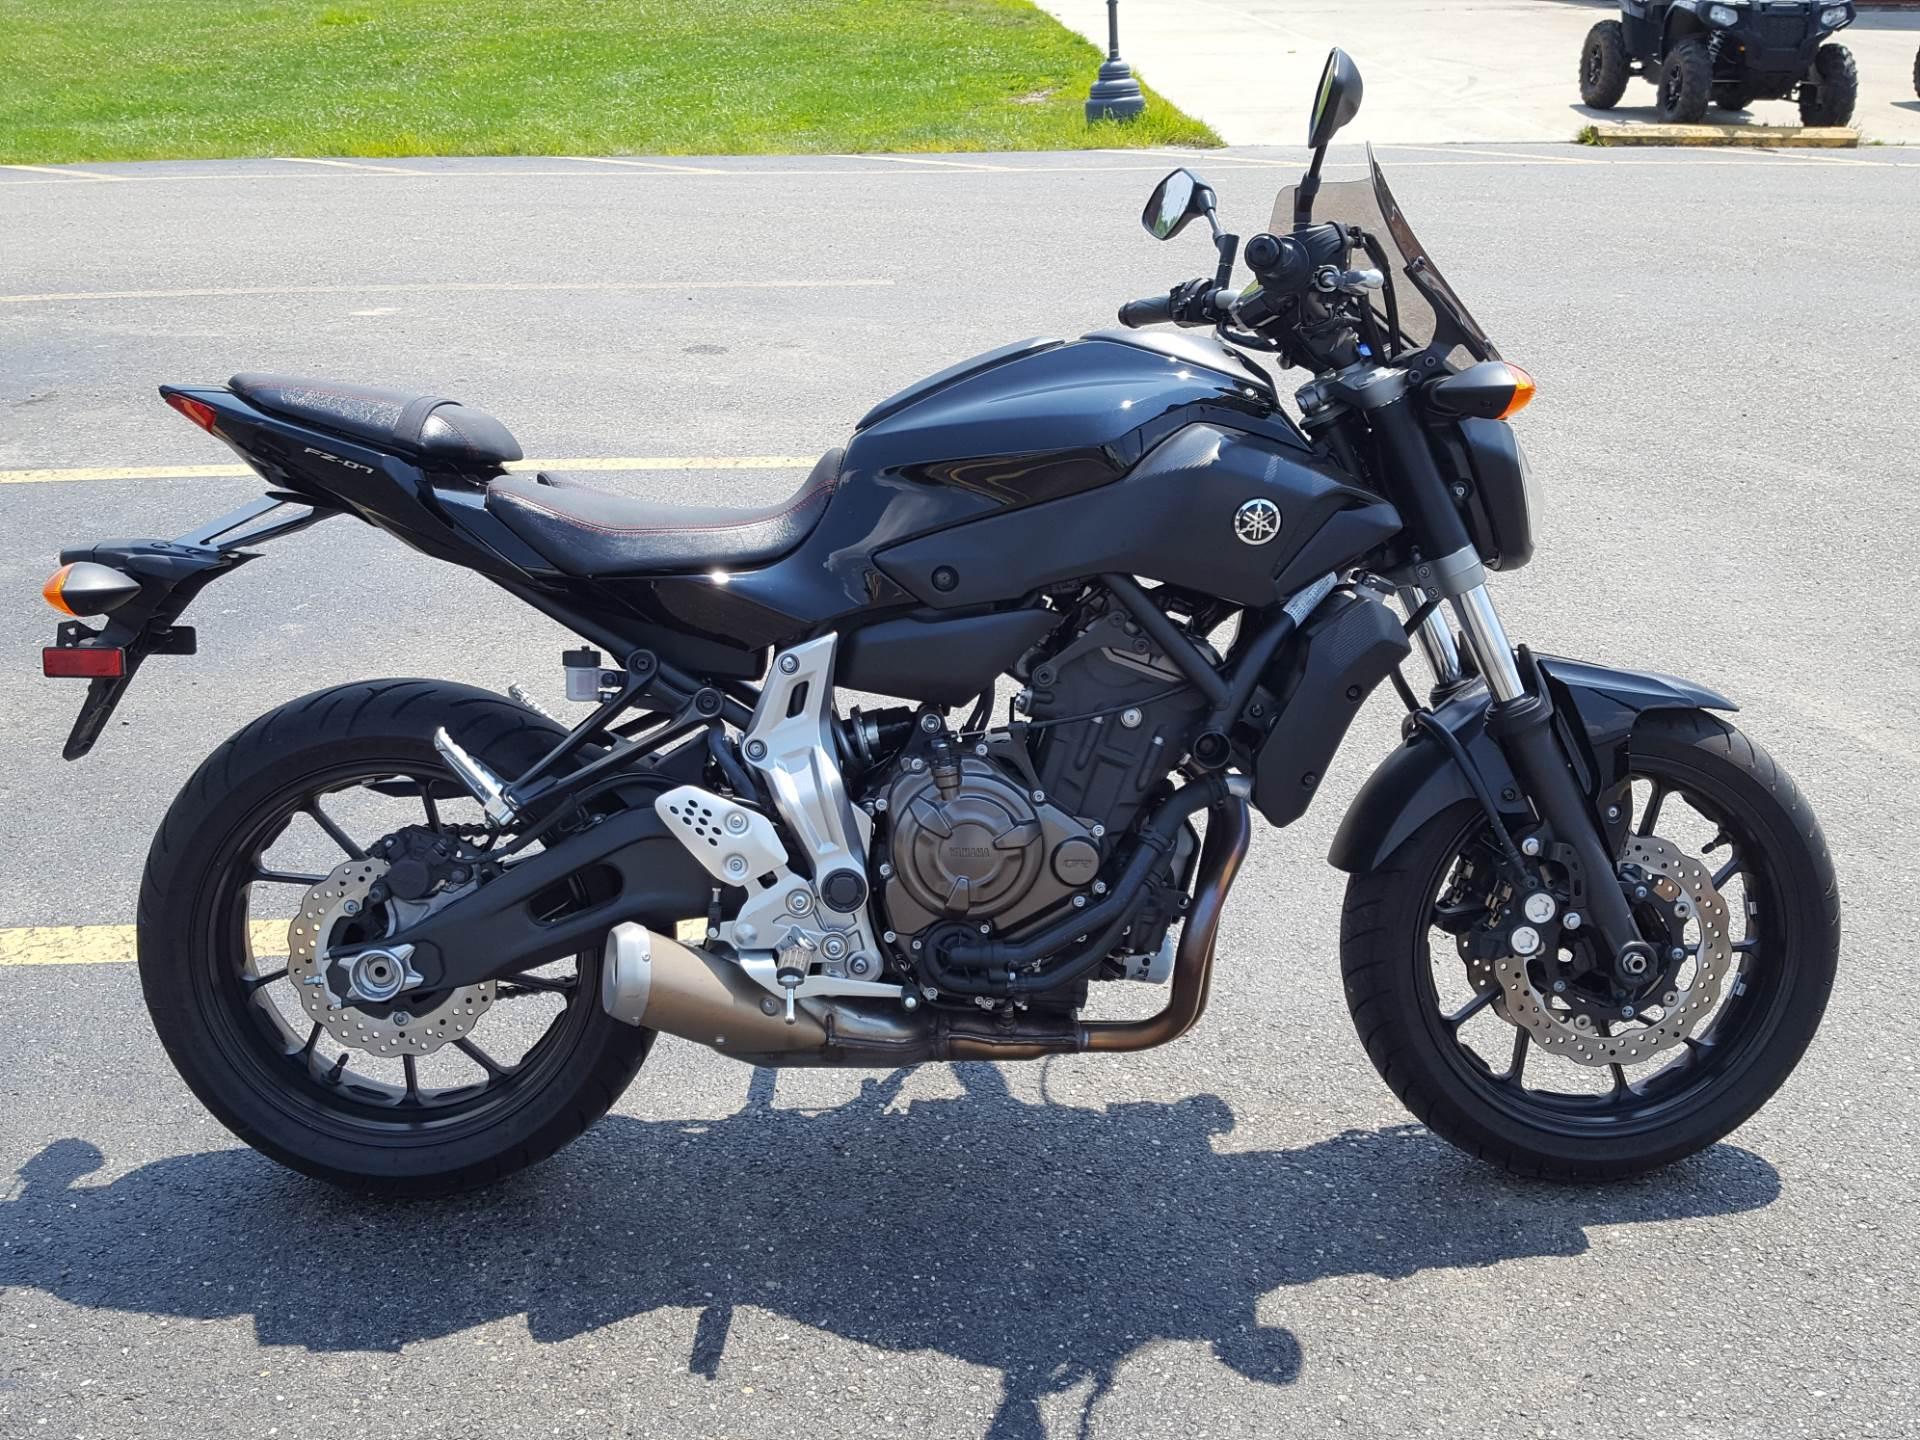 2016 Yamaha FZ-07 4